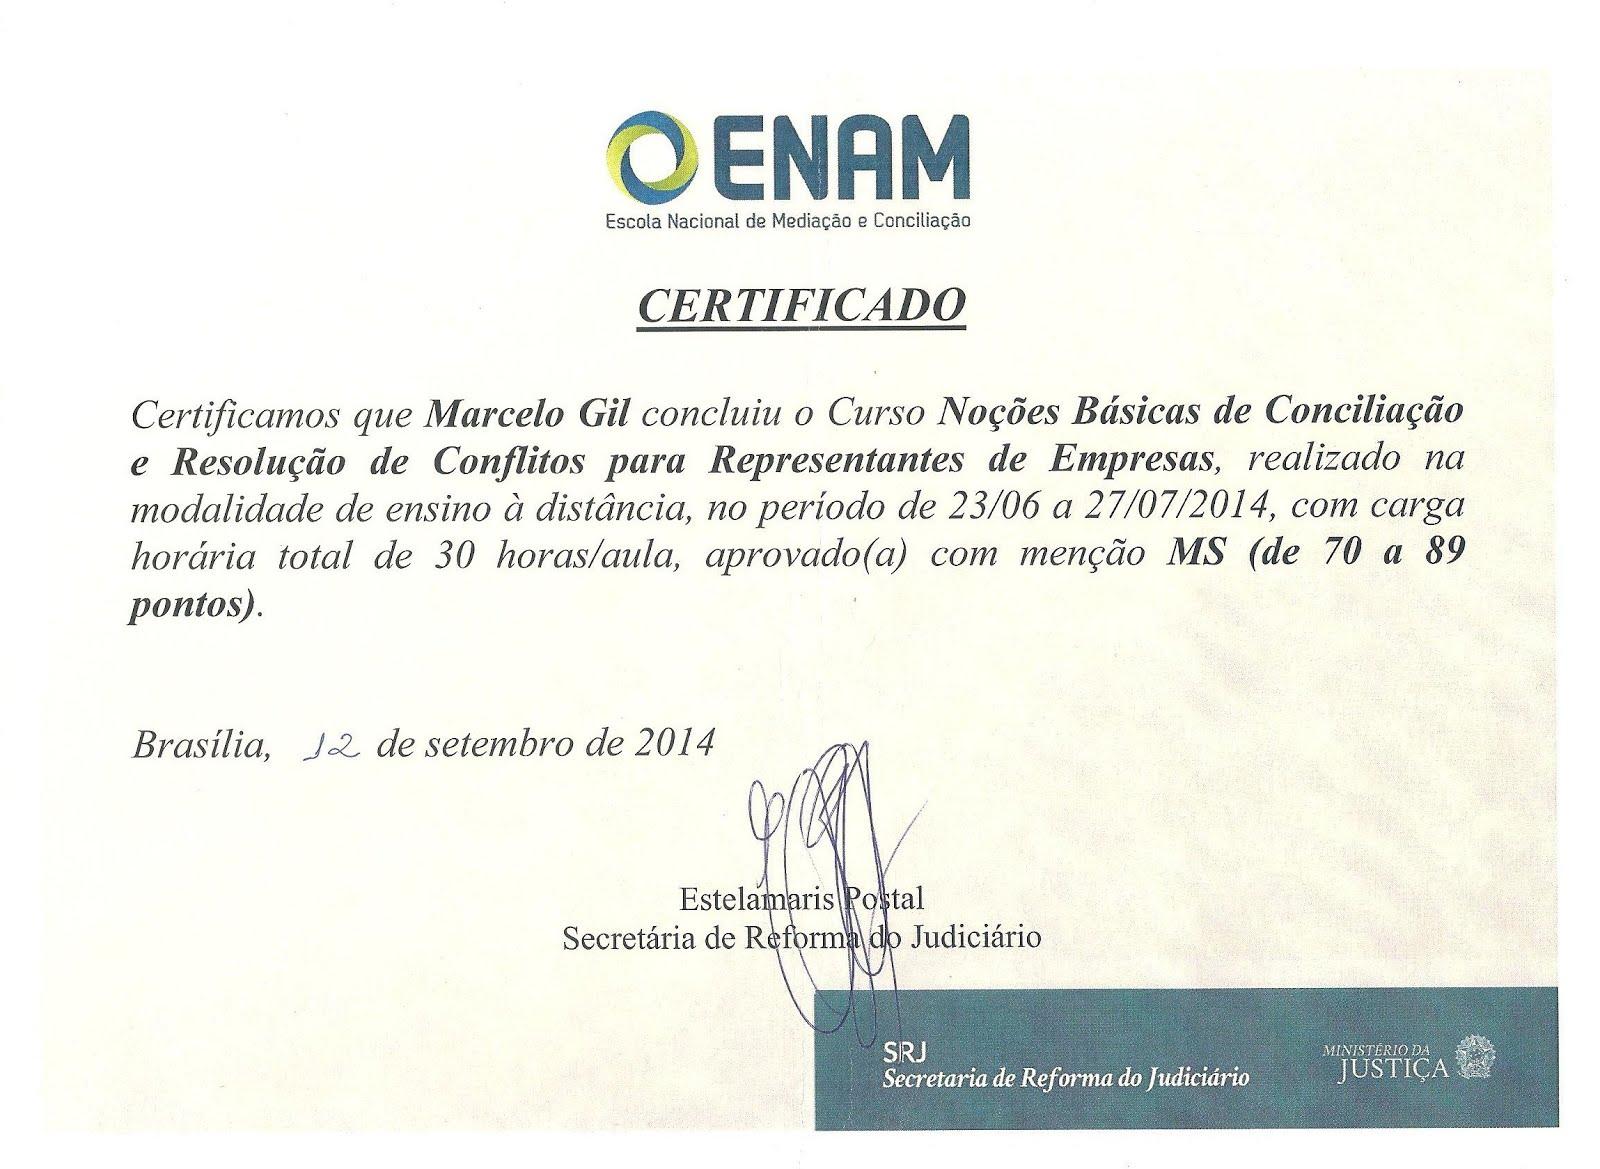 CERTIFICADO DA ESCOLA NACIONAL DE MEDIAÇÃO, DO MINISTÉIRO DA JUSTIÇA, CONCEDIDO À MARCELO GIL -2014